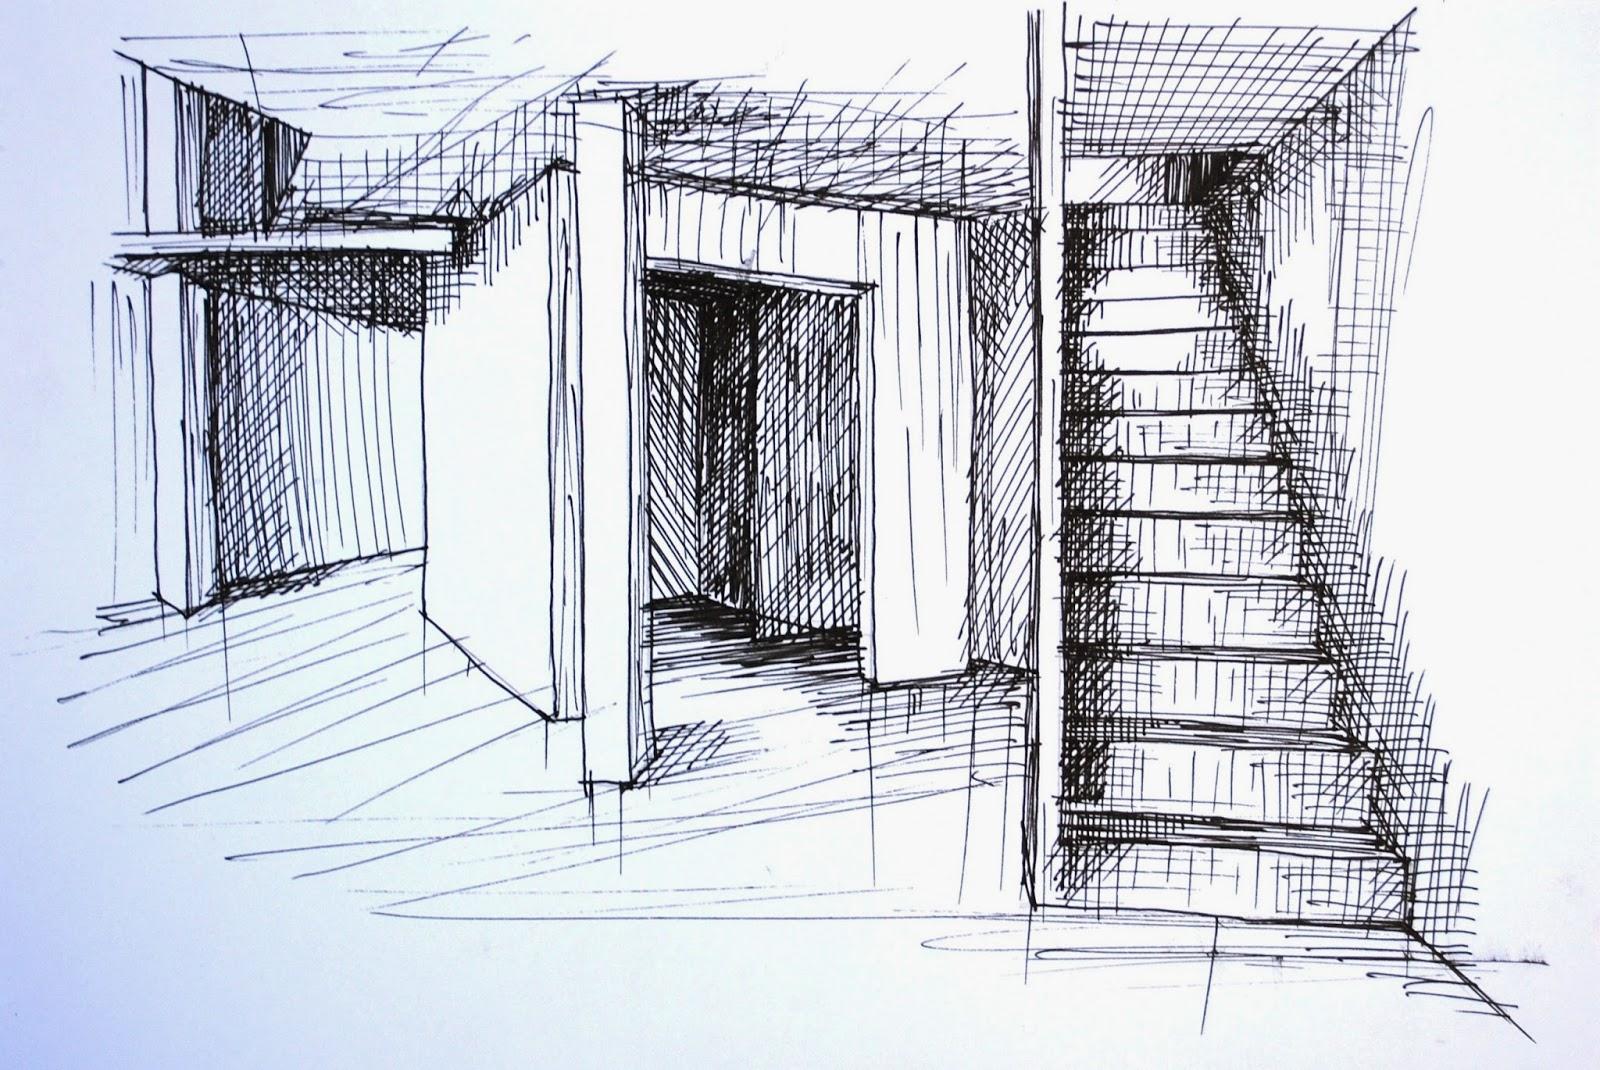 Arquitectura interior crea - Arquitectura interior ...